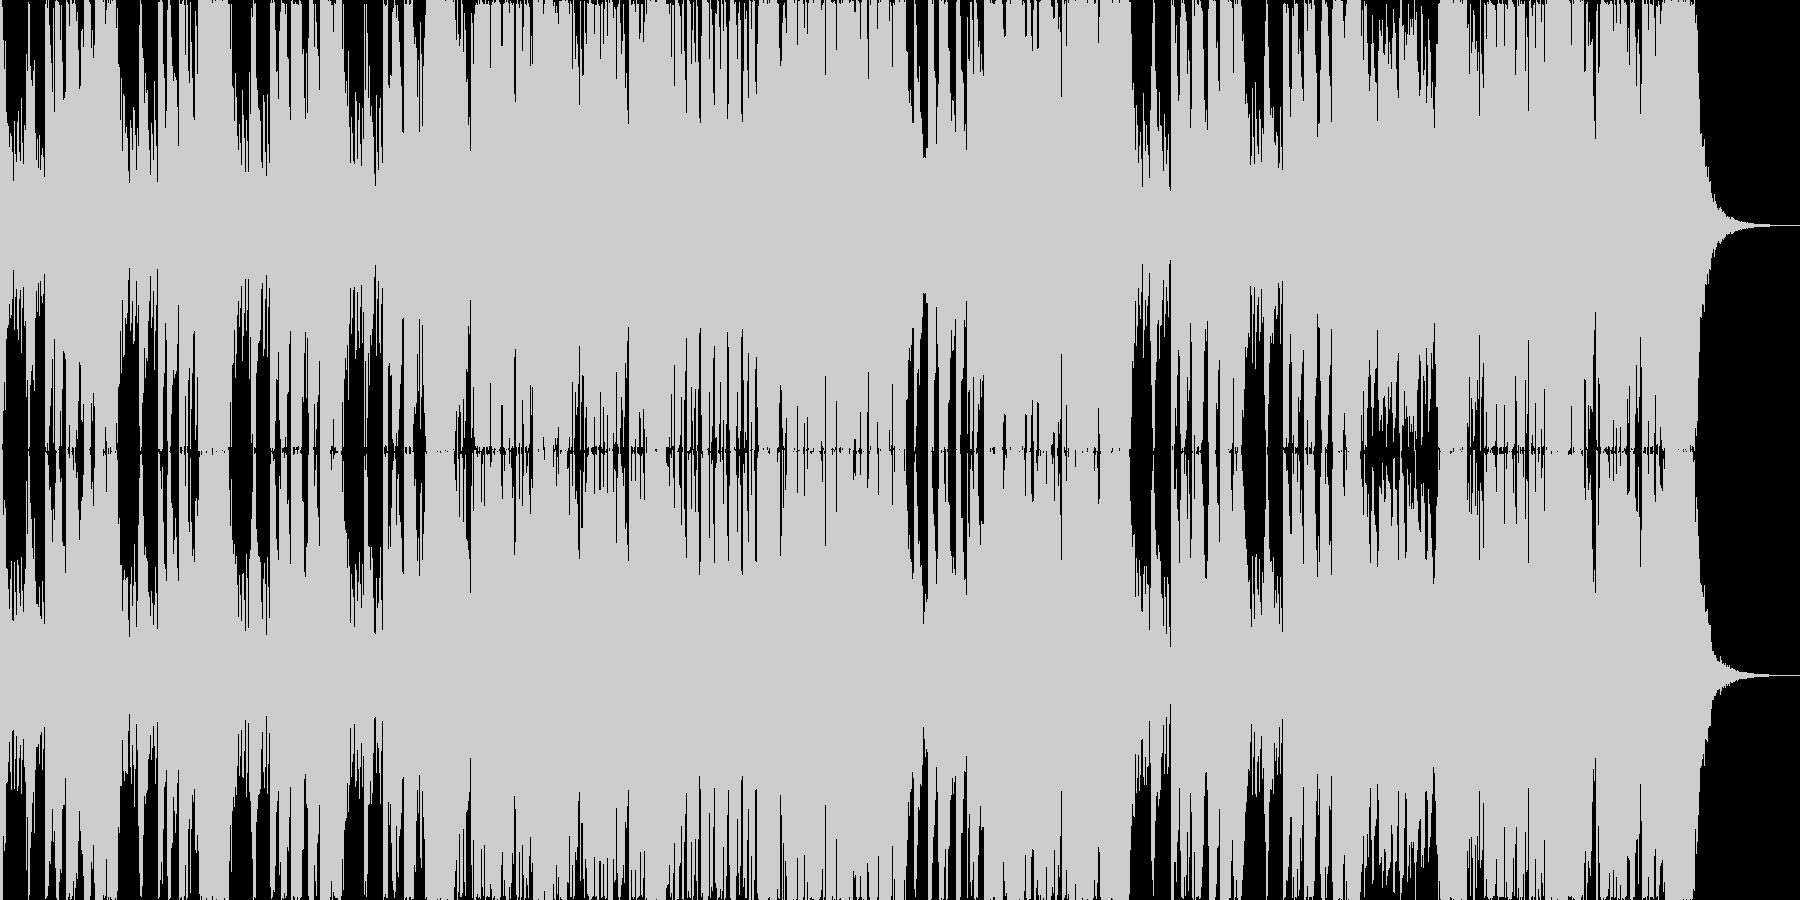 シネマティックなドラムだけの激しい曲の未再生の波形